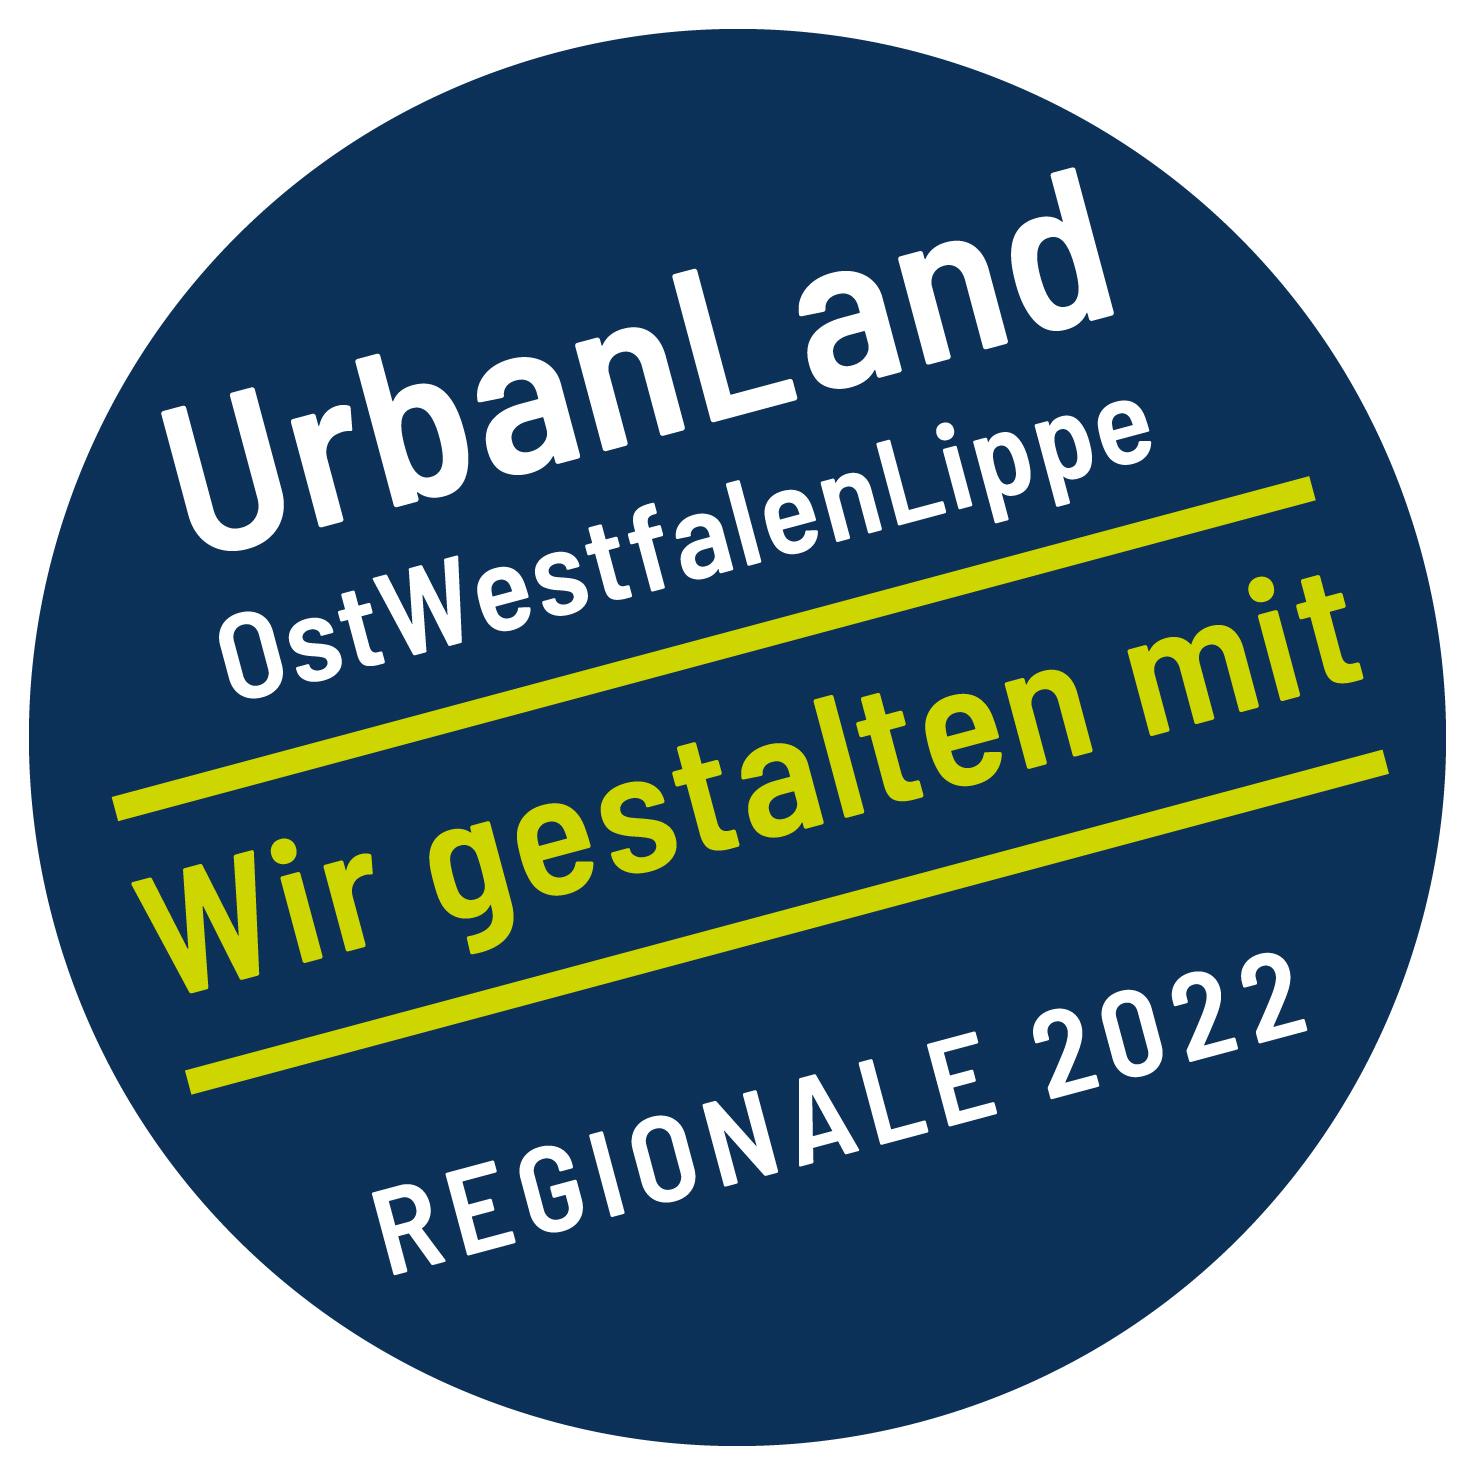 STUFE1_Label_UrbanLand+Wir-gestalten-mit_sRGB